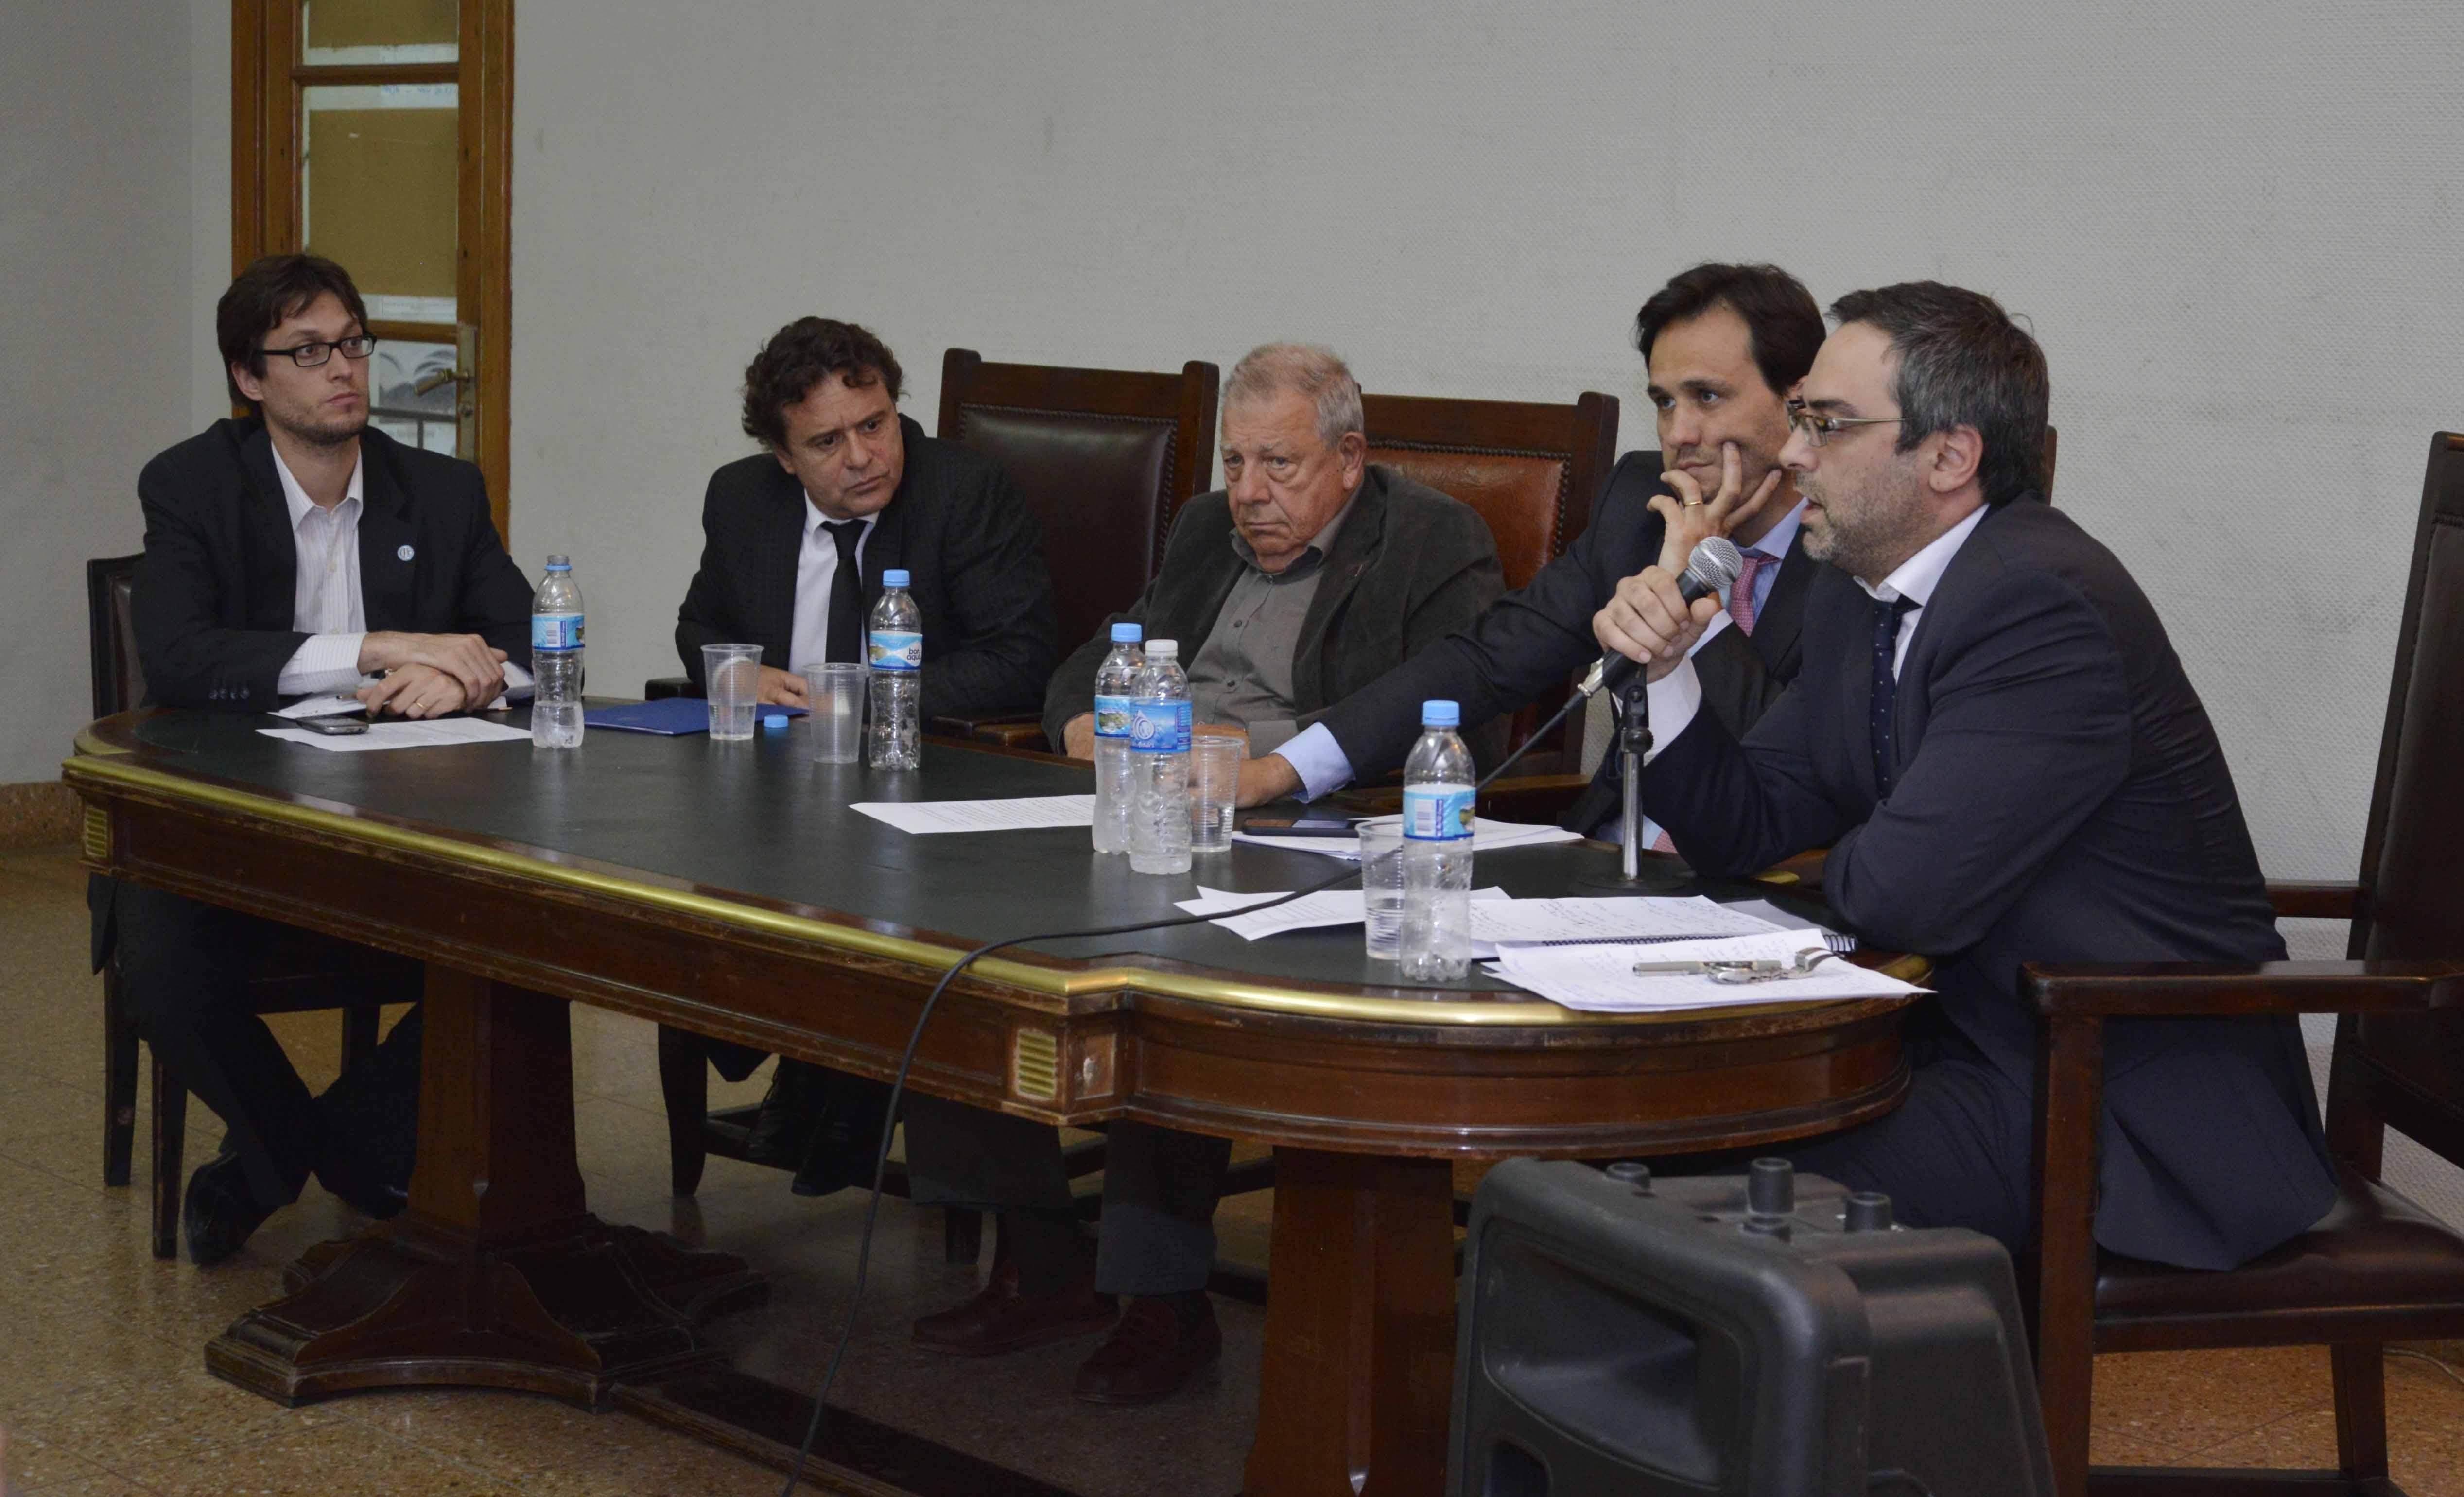 Finalizaron las jornadas de debate sobre la reforma del Código Procesal Penal